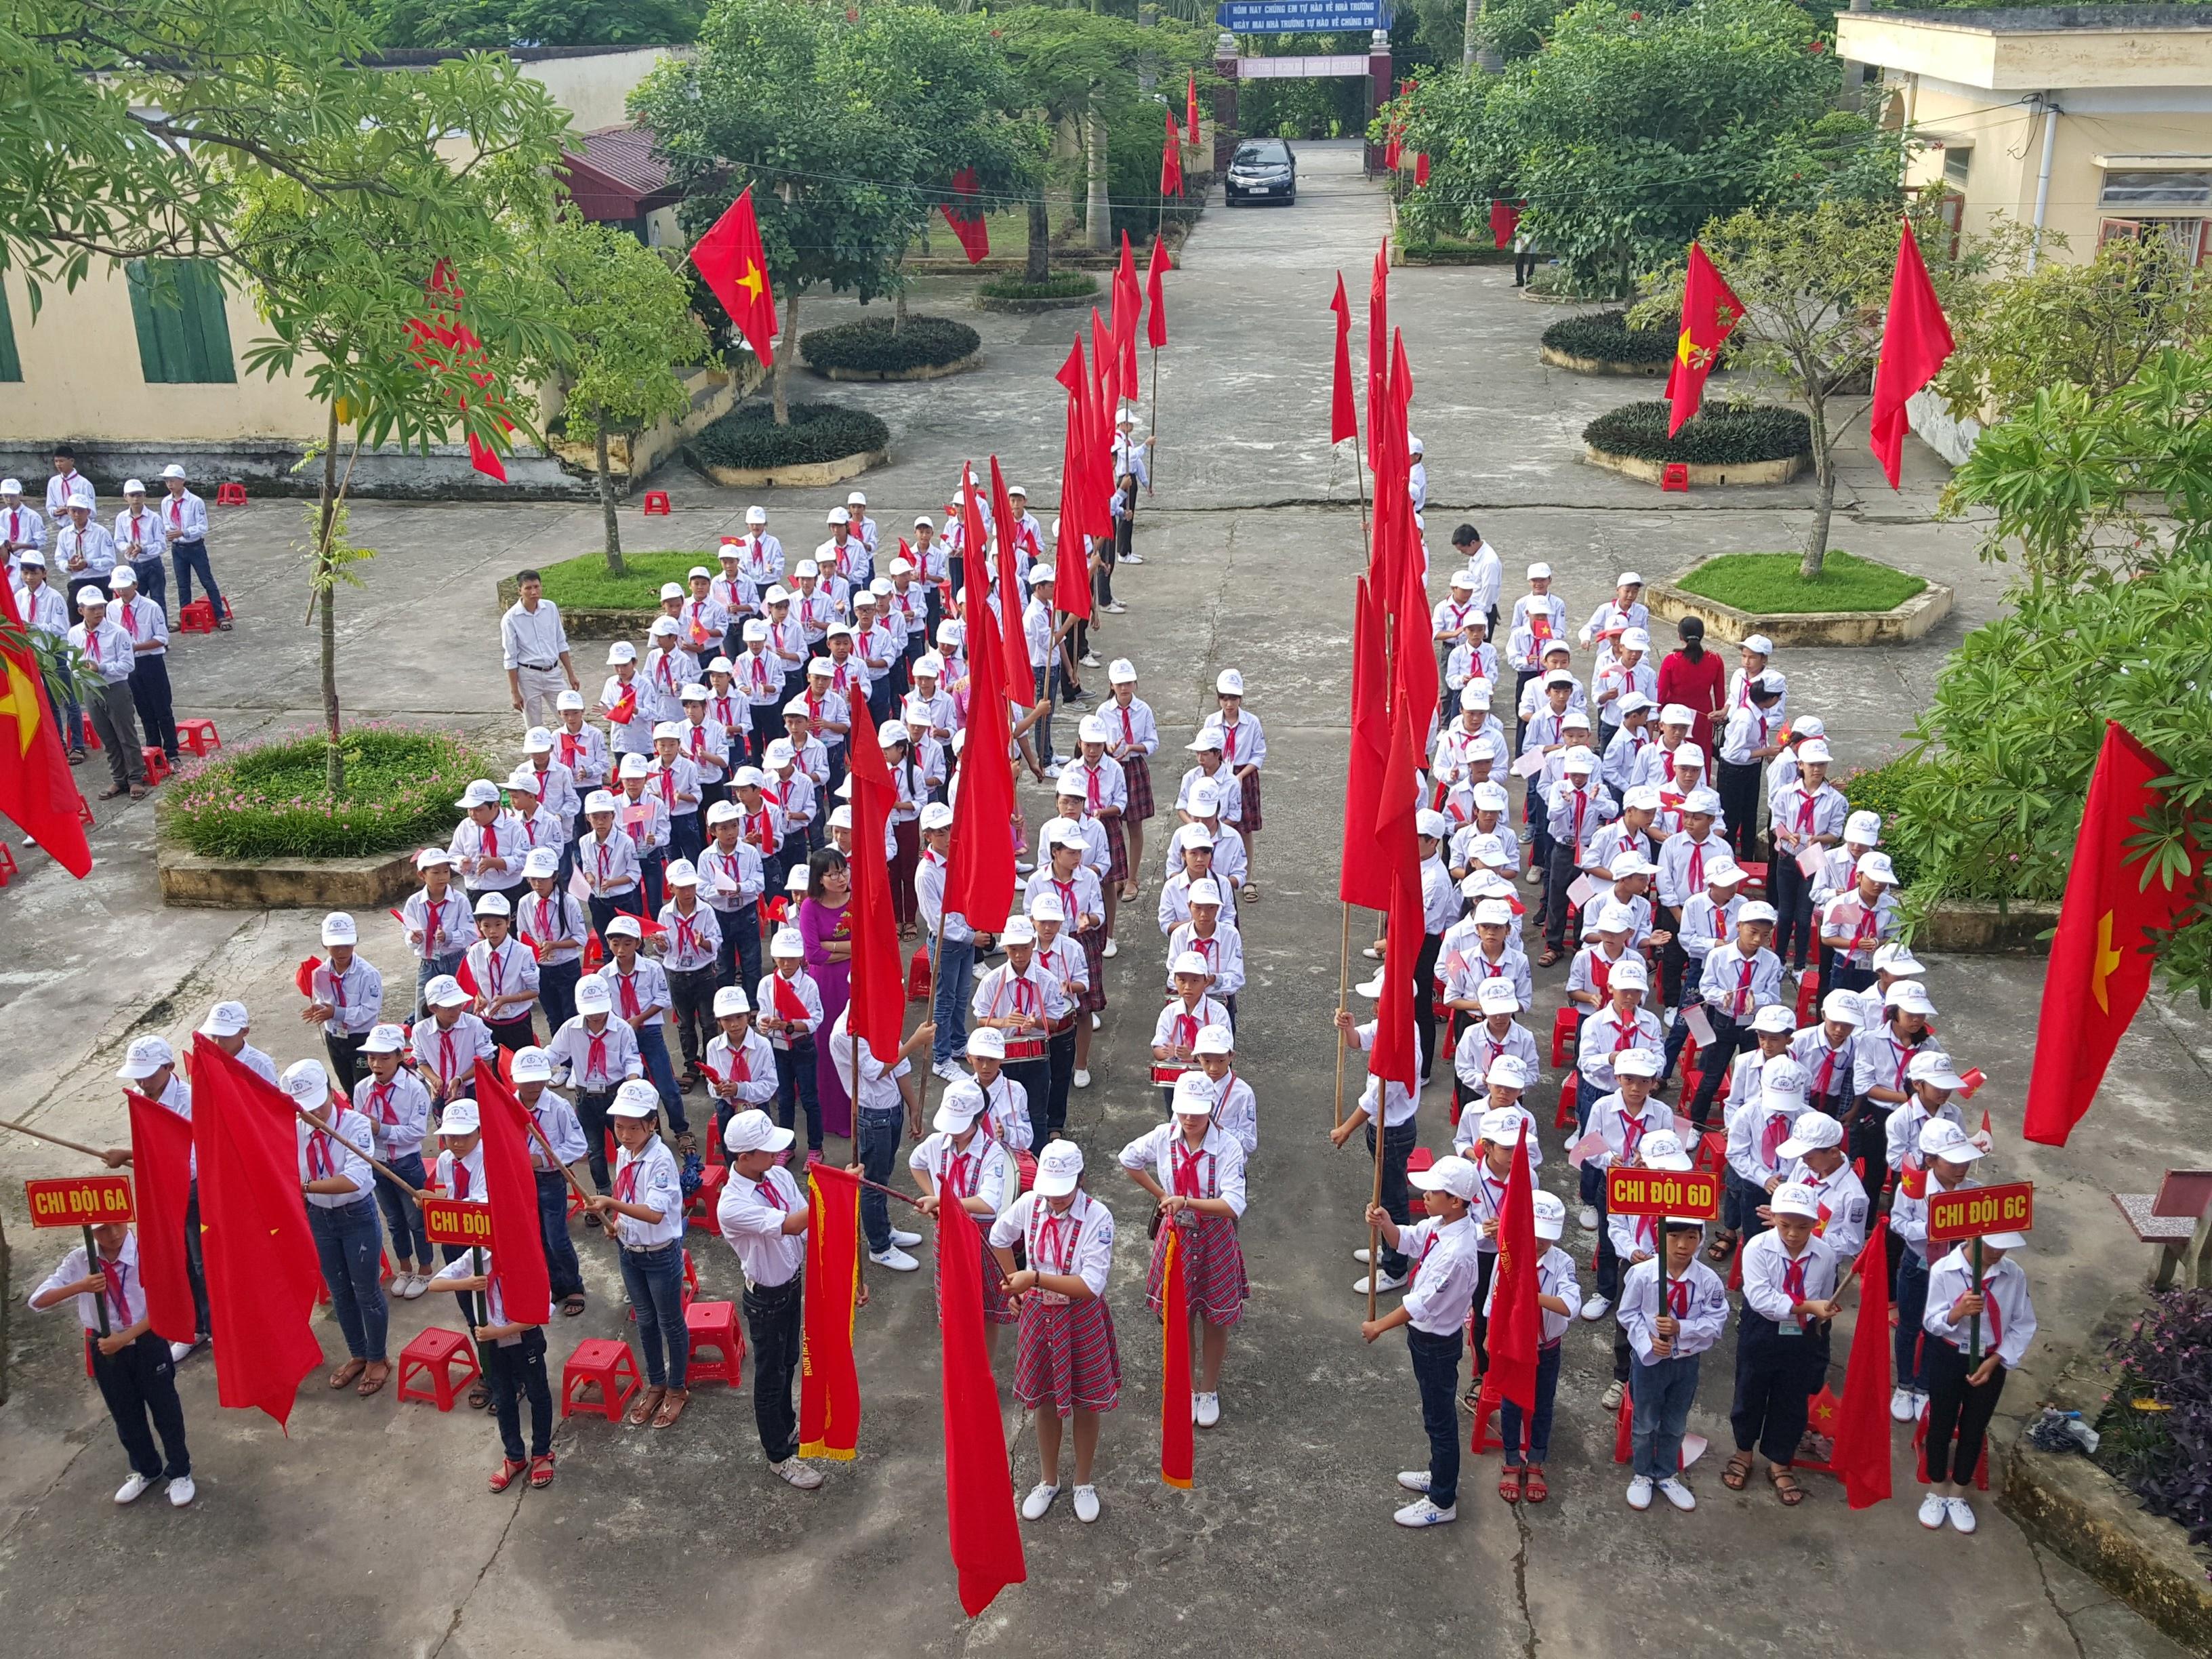 Chùm ảnh lễ khai giảng năm học 2017 – 2018